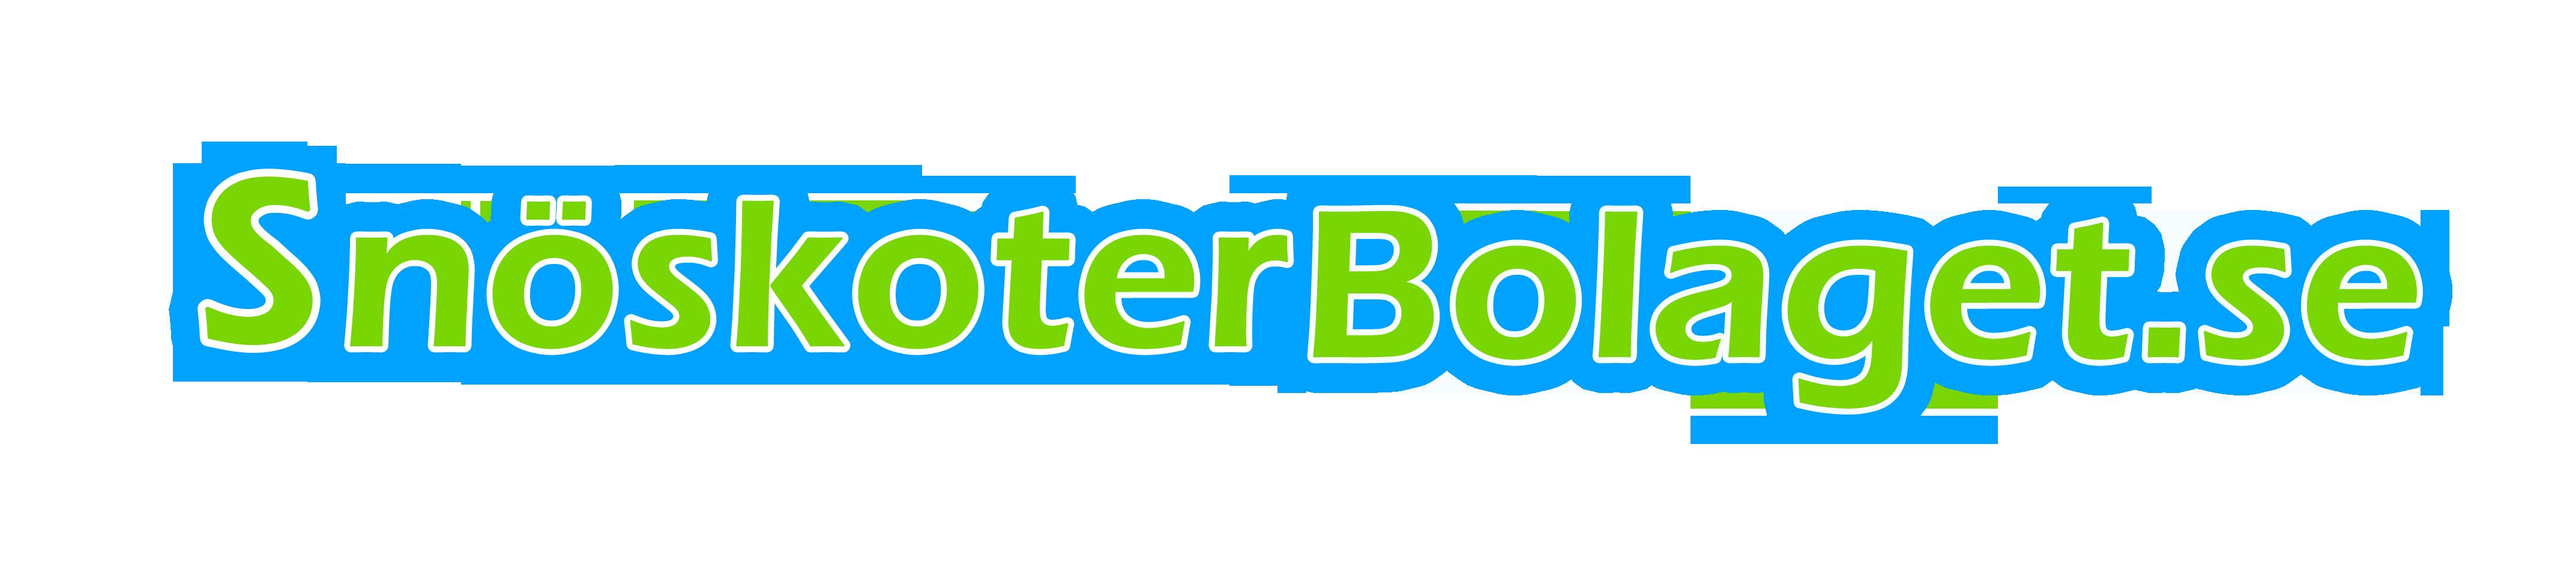 logo blå grön avlång kopiera